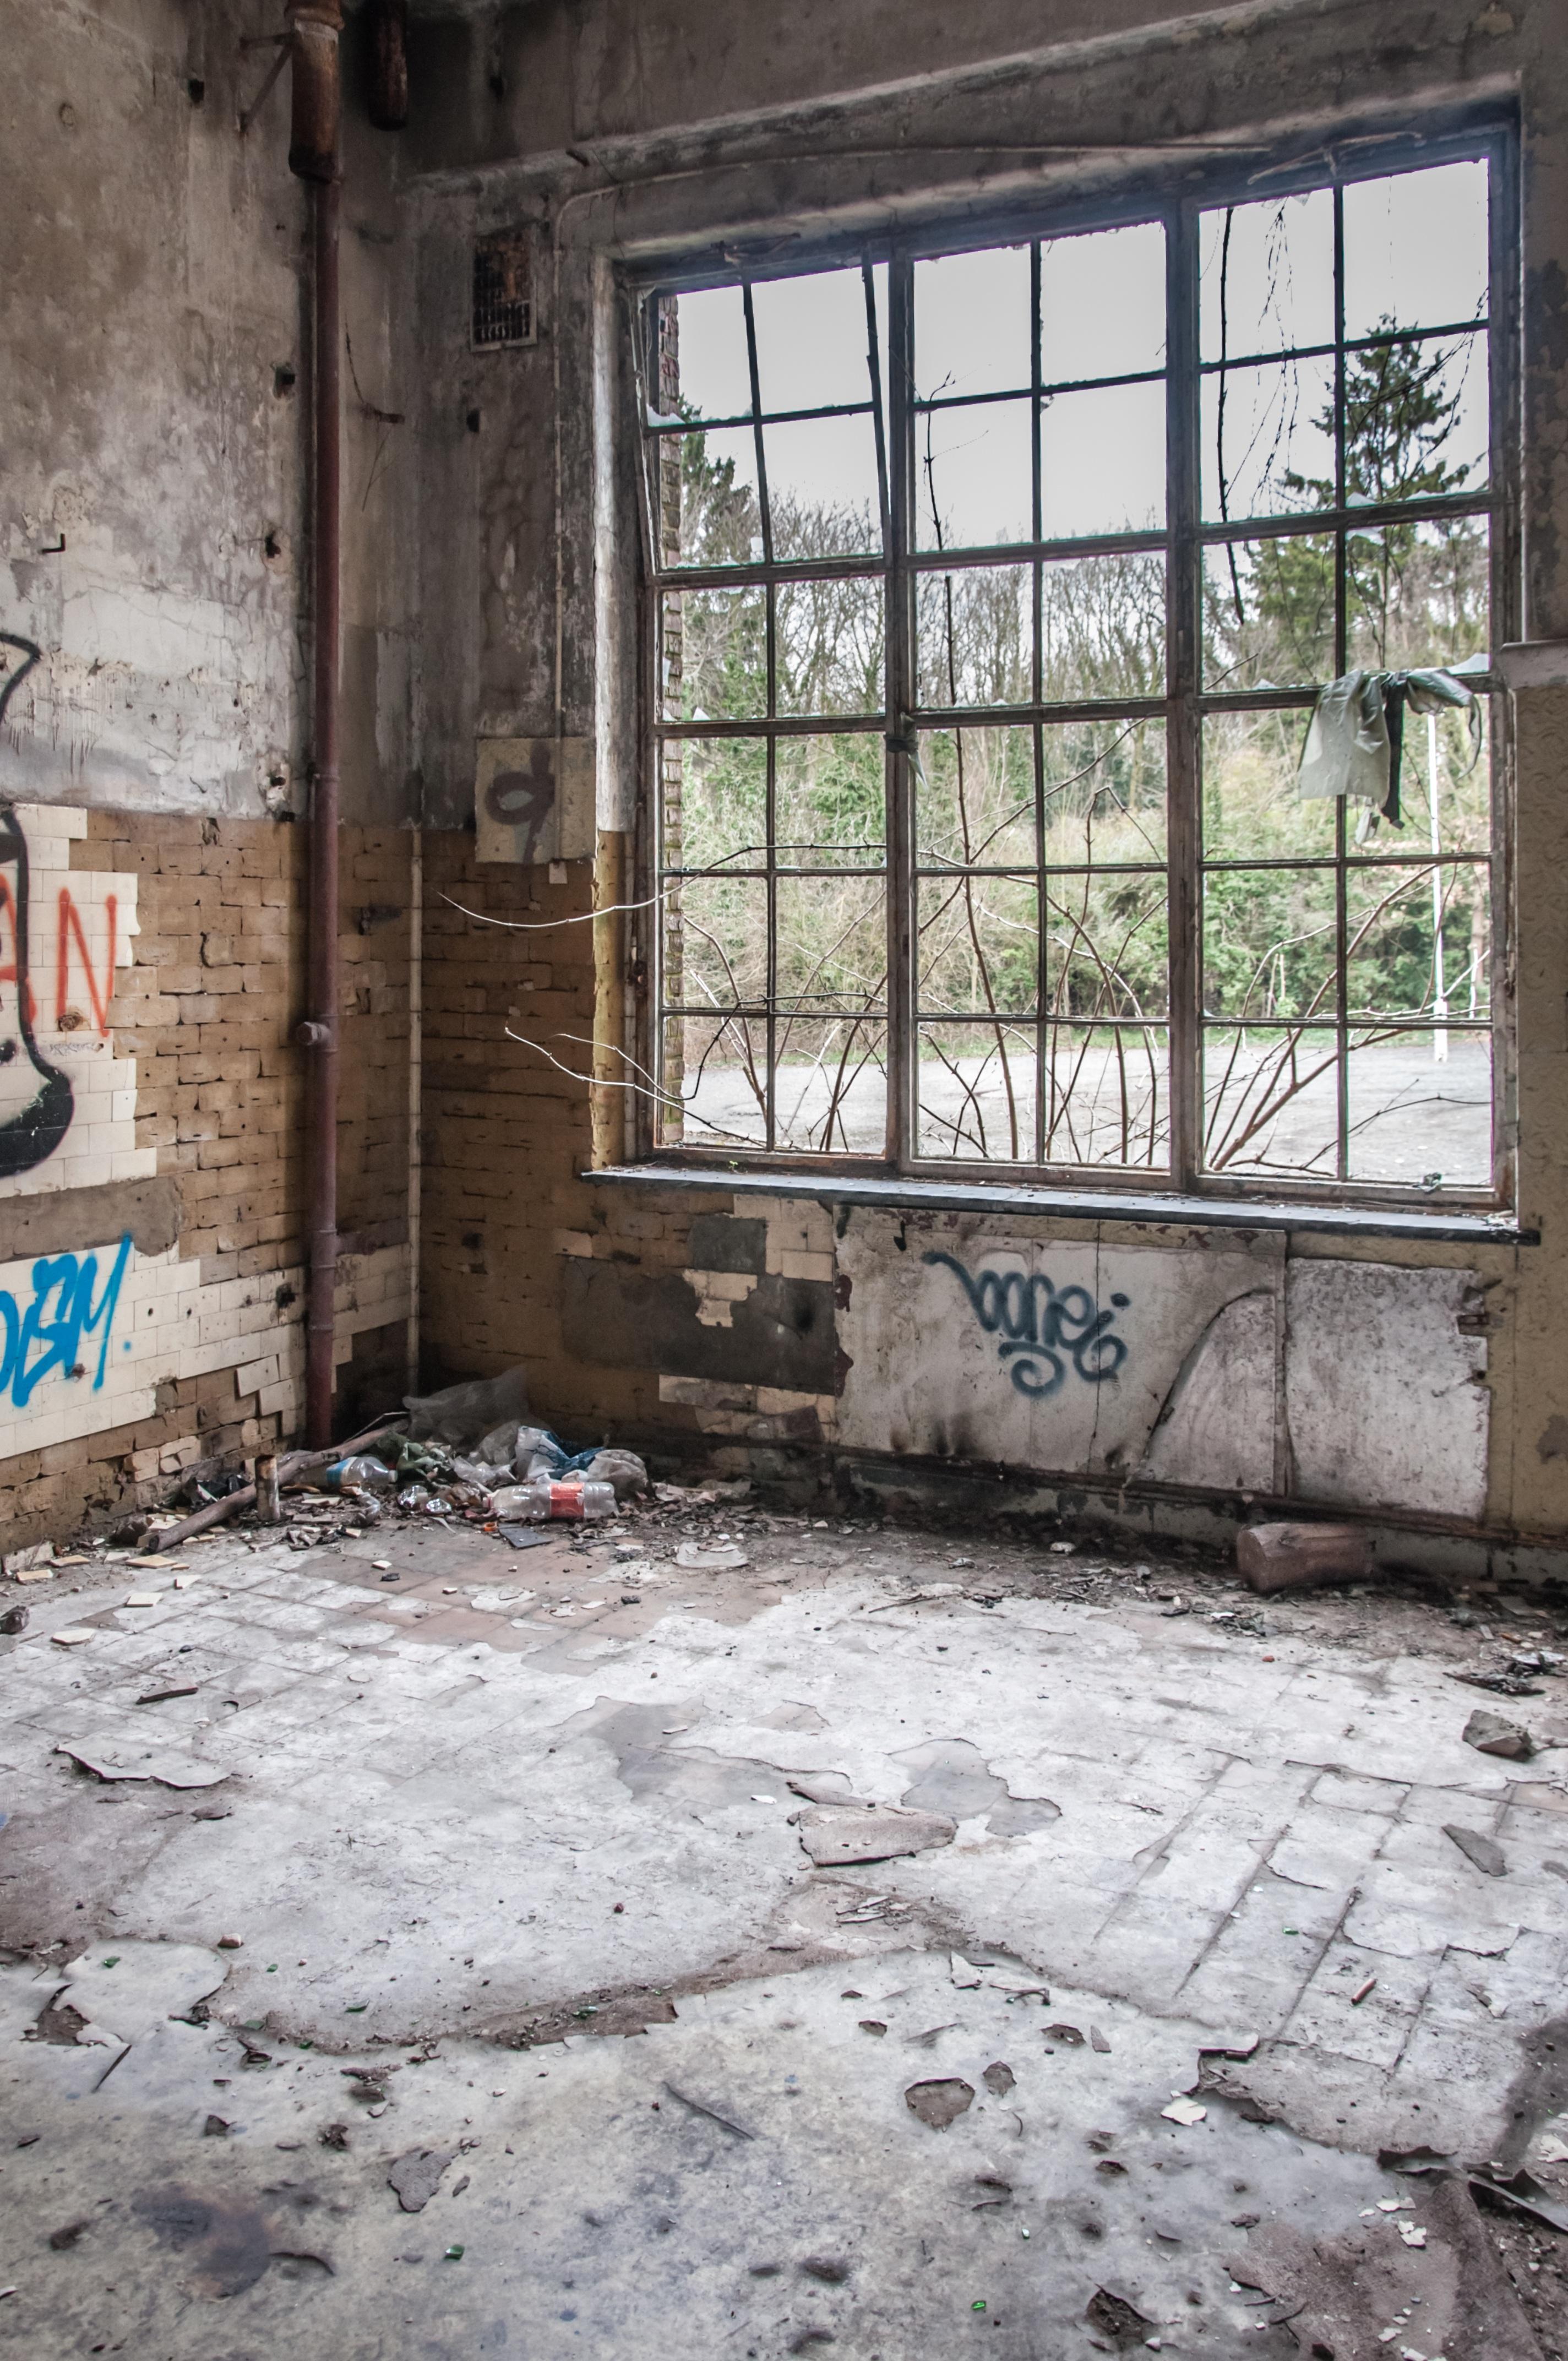 Bois maison sol fenêtre bâtiment vieux maison mur chalet arrière cour propriété graffiti porte design